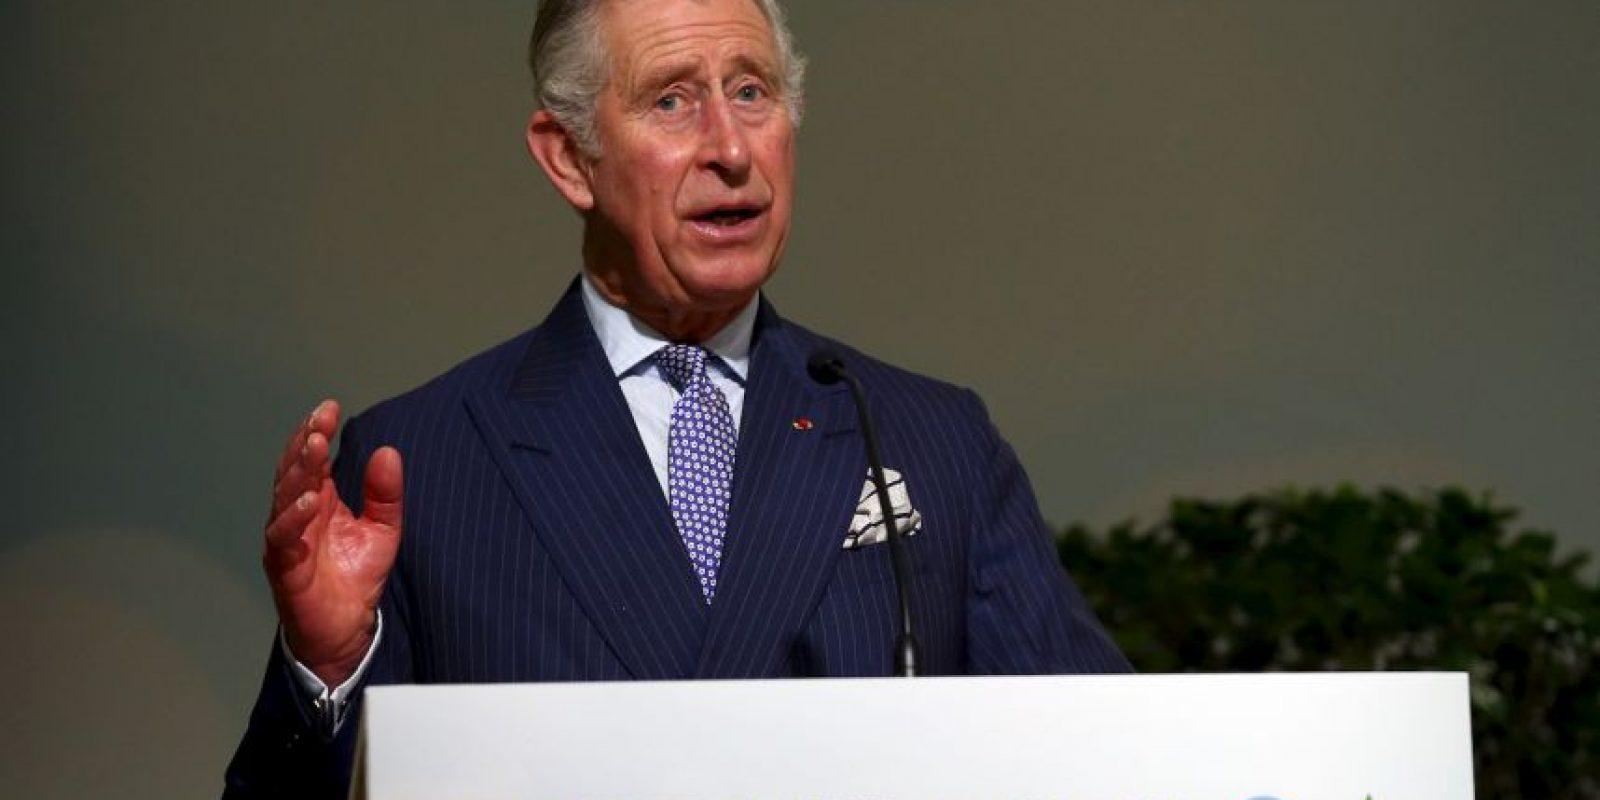 El príncipe Carlos de Gales Foto:COP 21 Getty Images